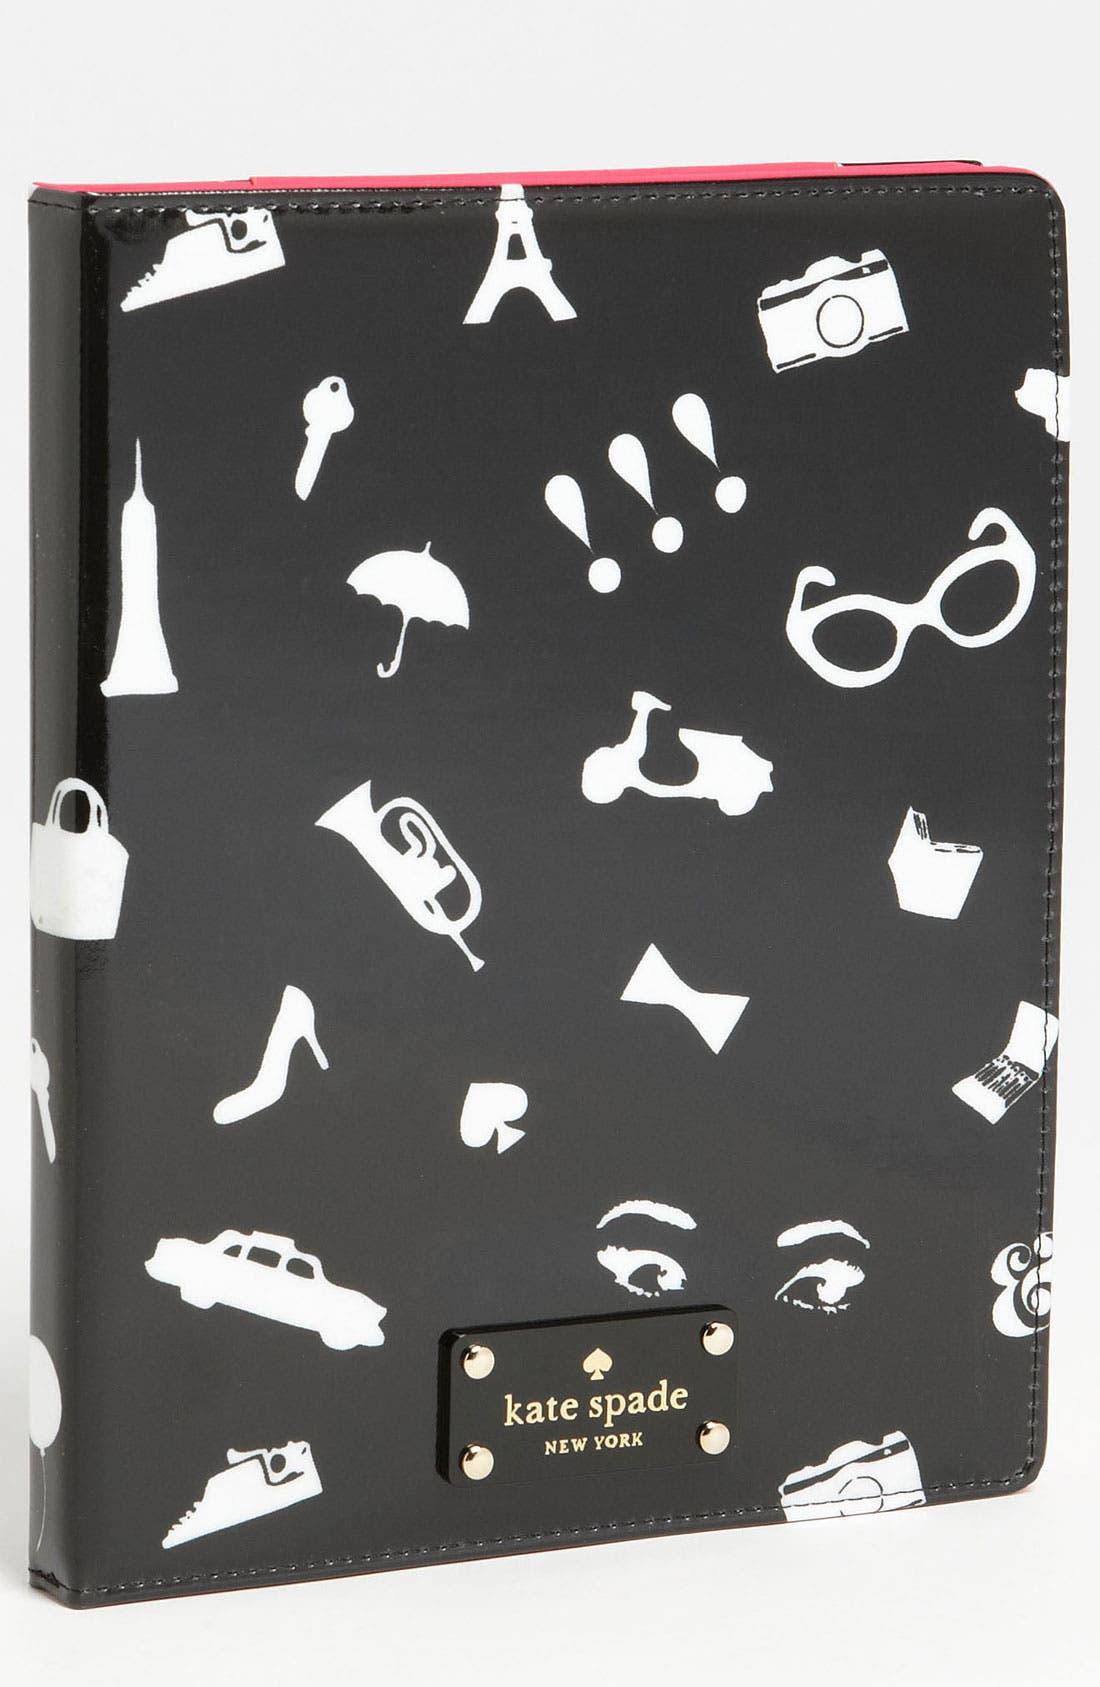 Main Image - kate spade new york 'favorite things' iPad 2 & 3 folio